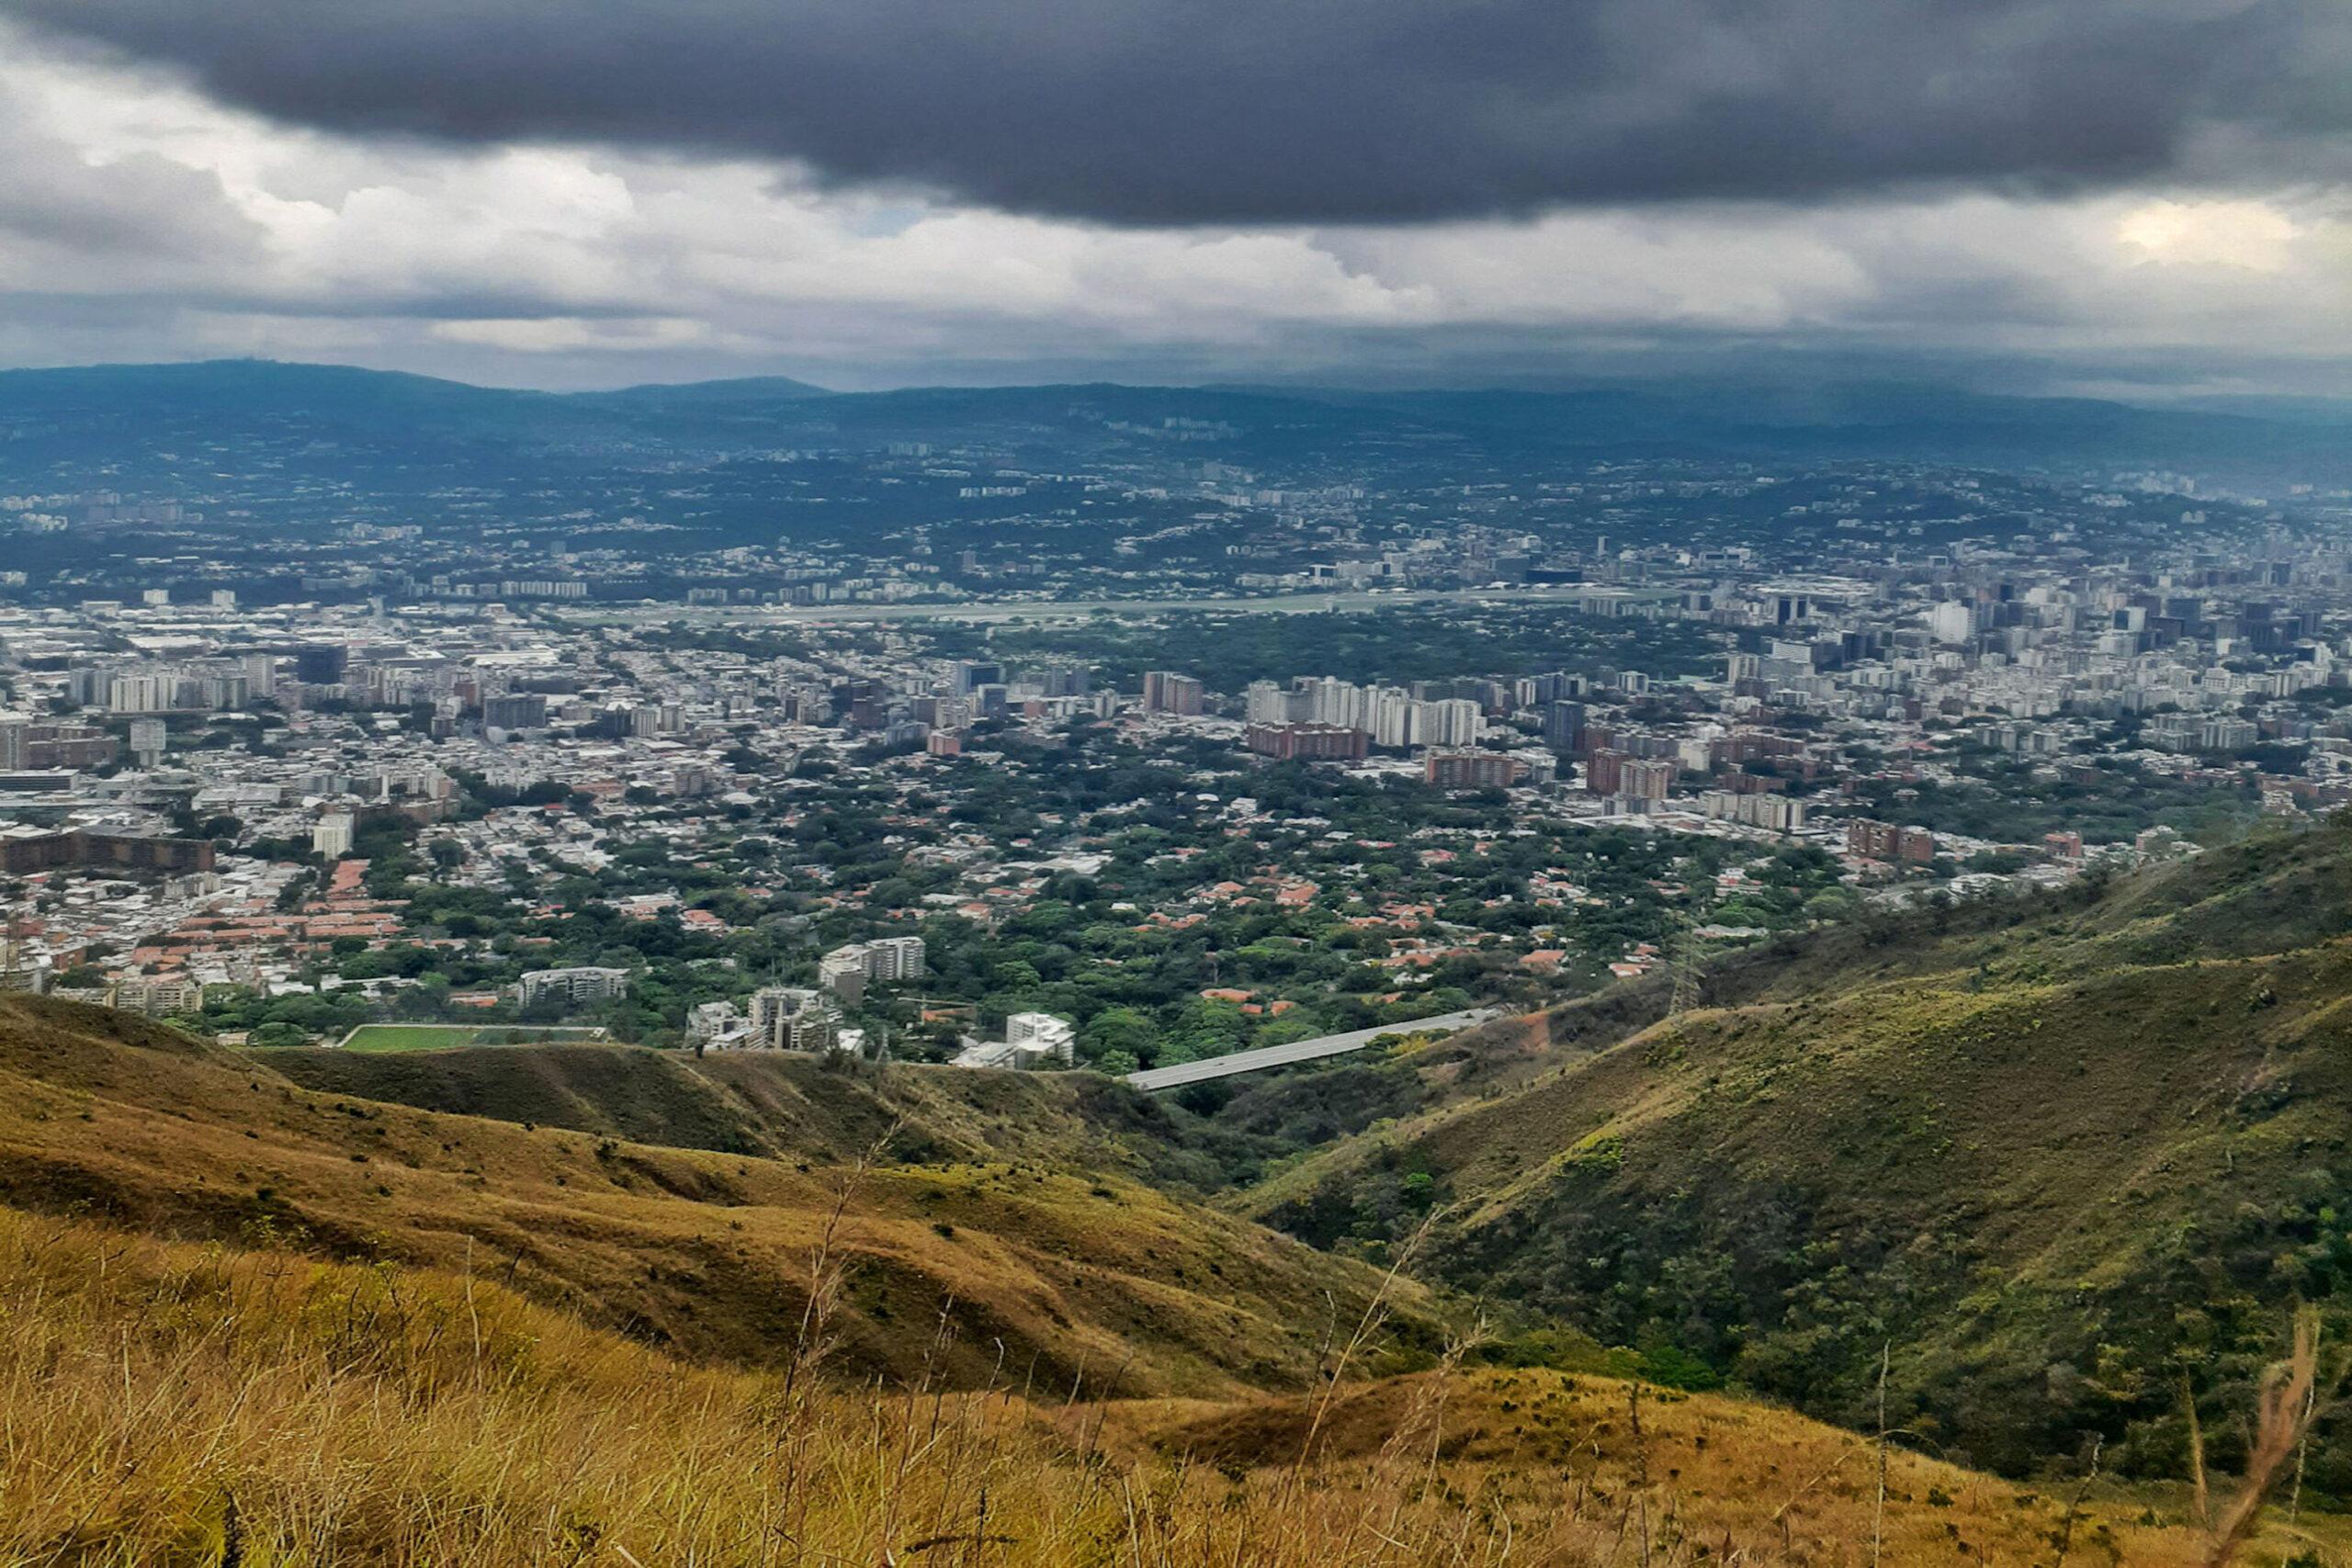 Disfrutando Caracas desde el Ávila - Ser caraqueño